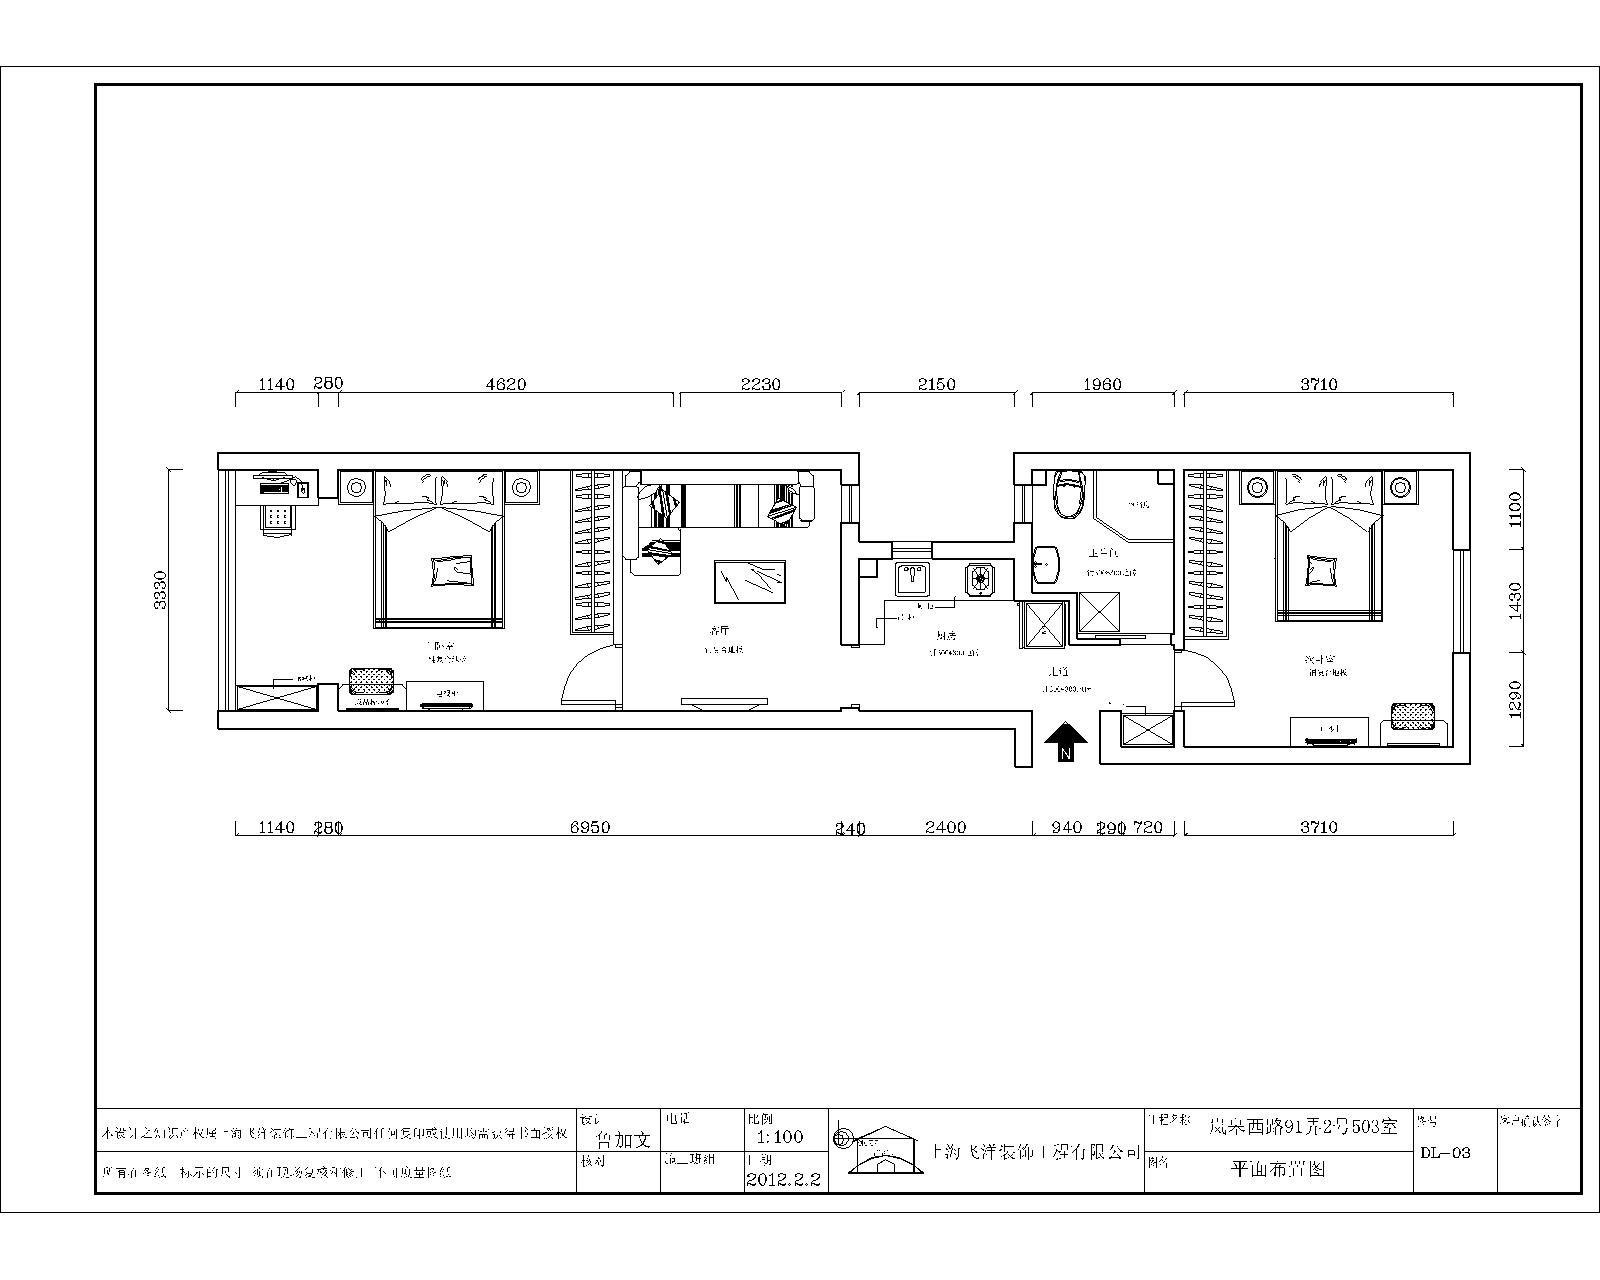 二层楼房别墅120设计图展示图片